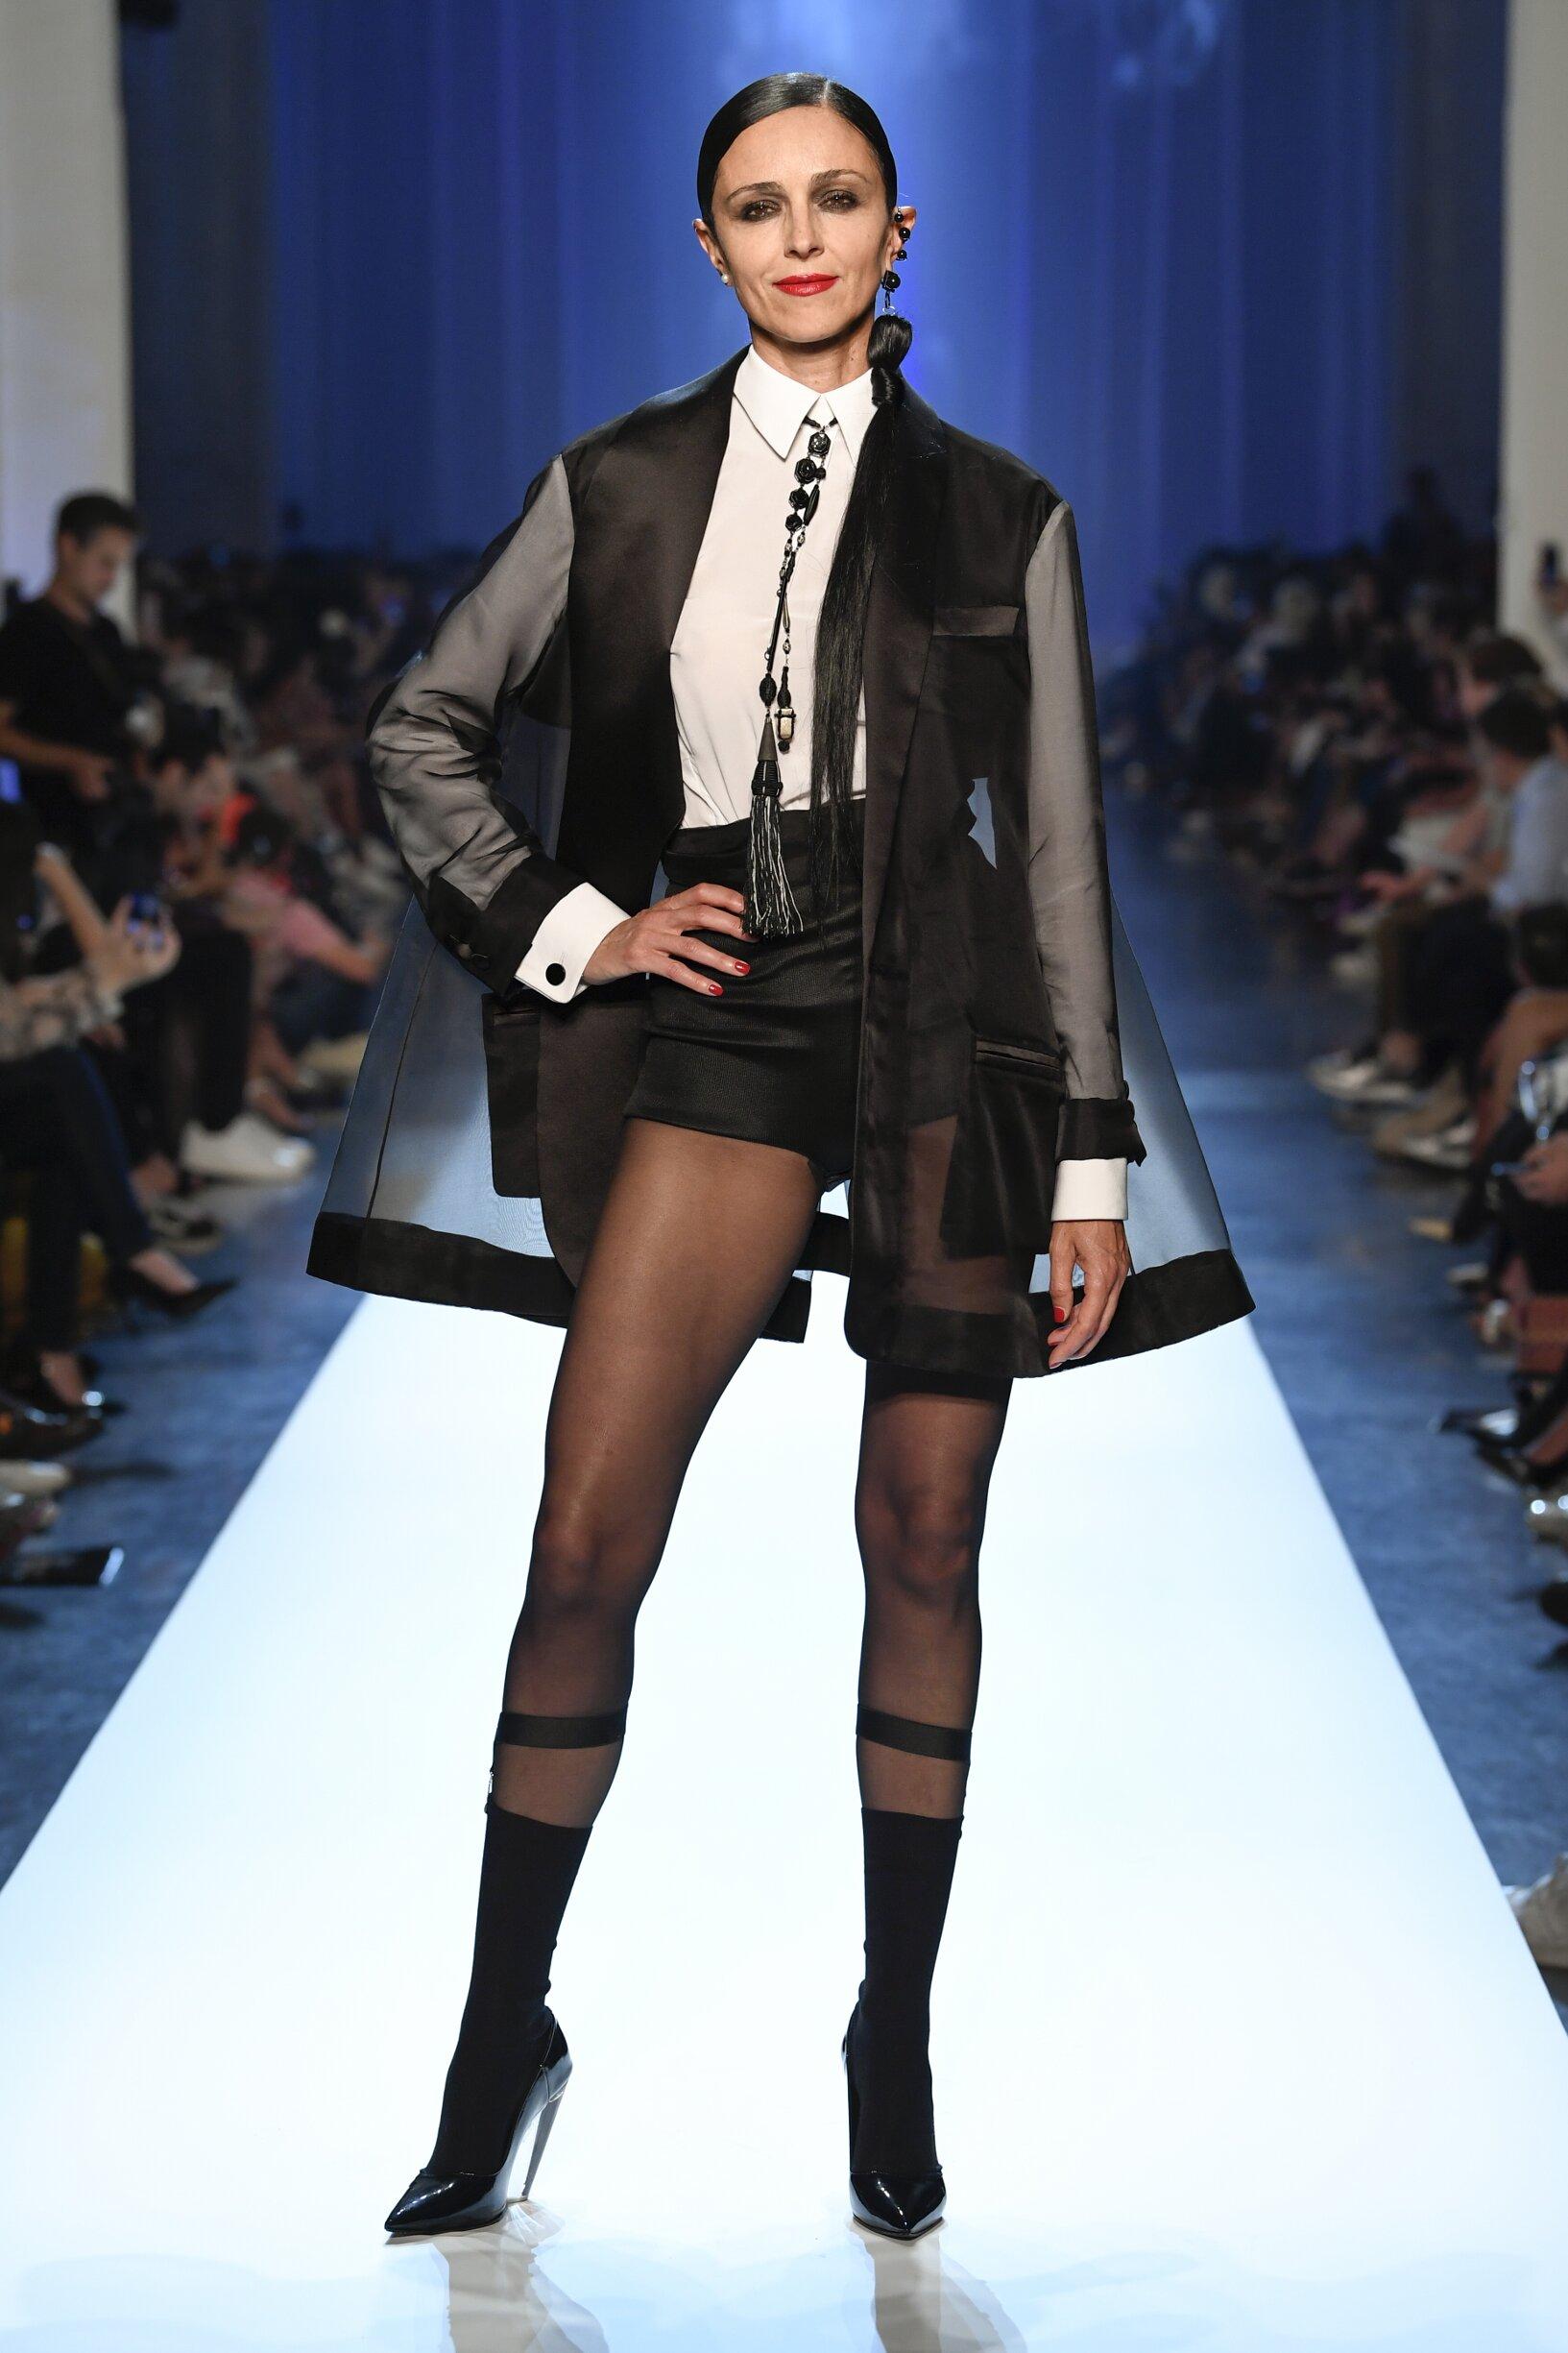 Fashion Show Woman Model Jean-Paul Gaultier Haute Couture Catwalk